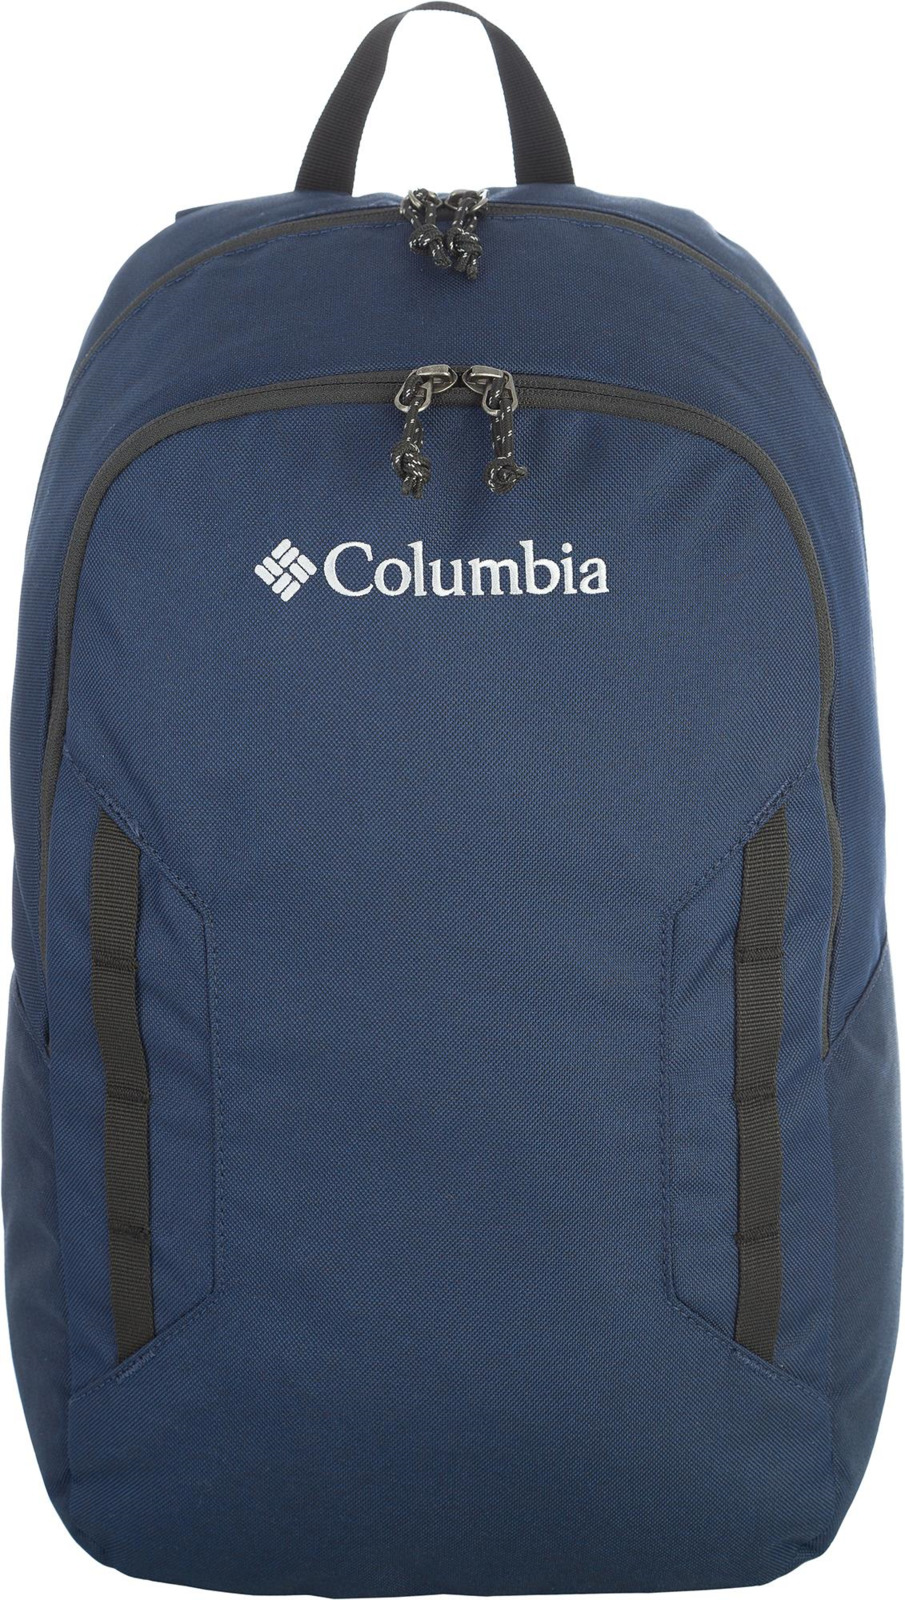 Рюкзак мужской Columbia Oak Bowery Backpack, 1810221-464, темно-синий рюкзак мужской icepeak цвет темно синий 259515000iv